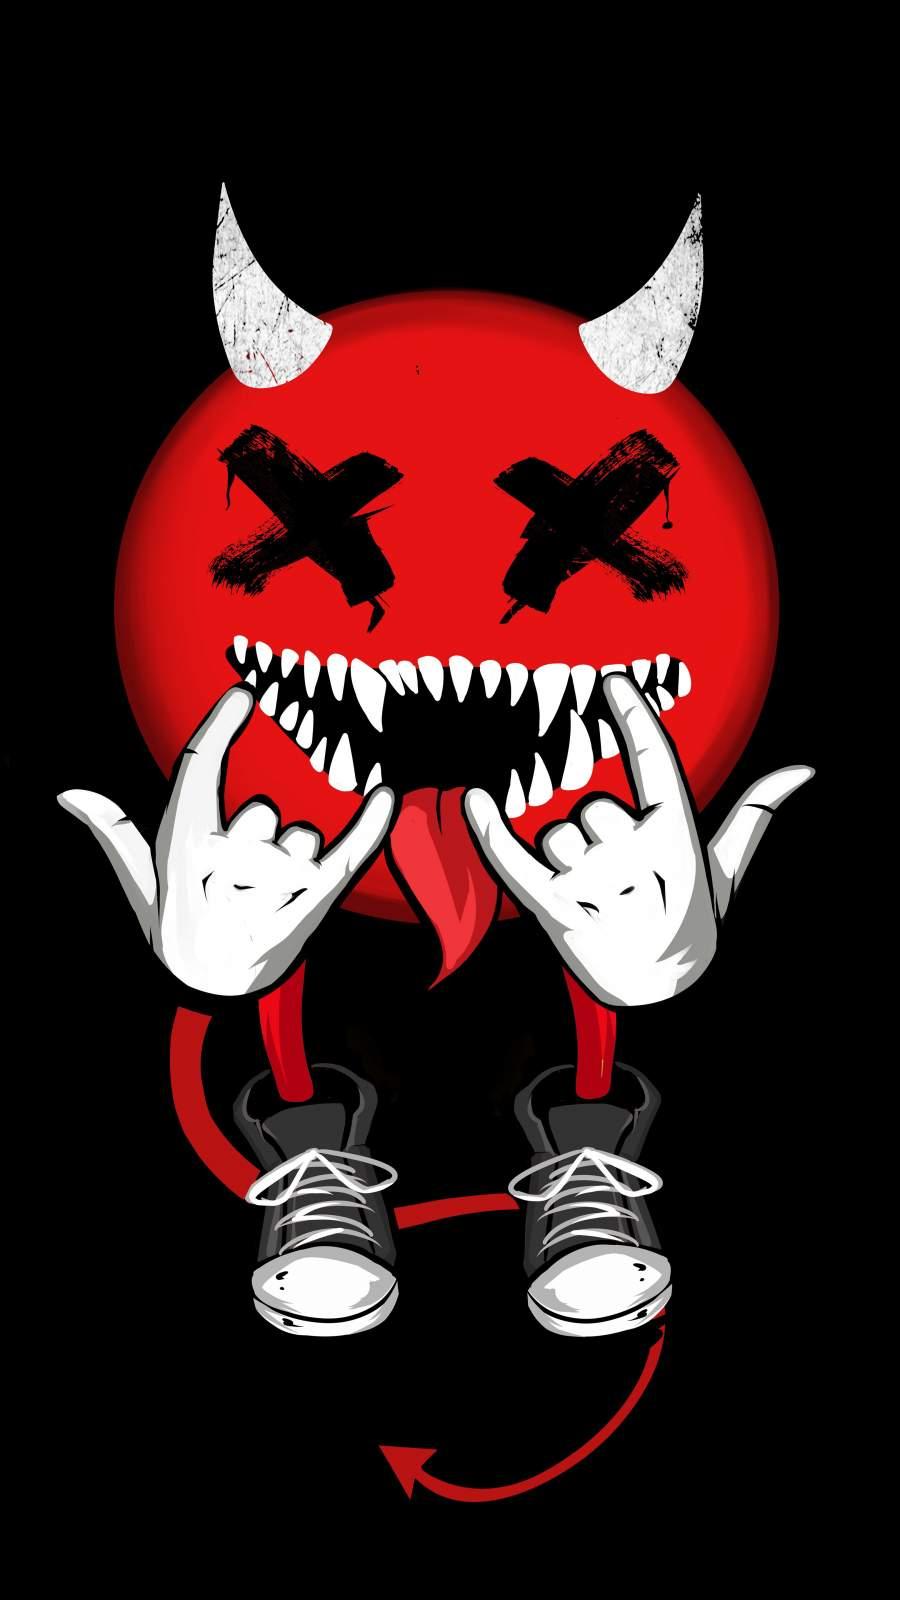 Smiley Monster